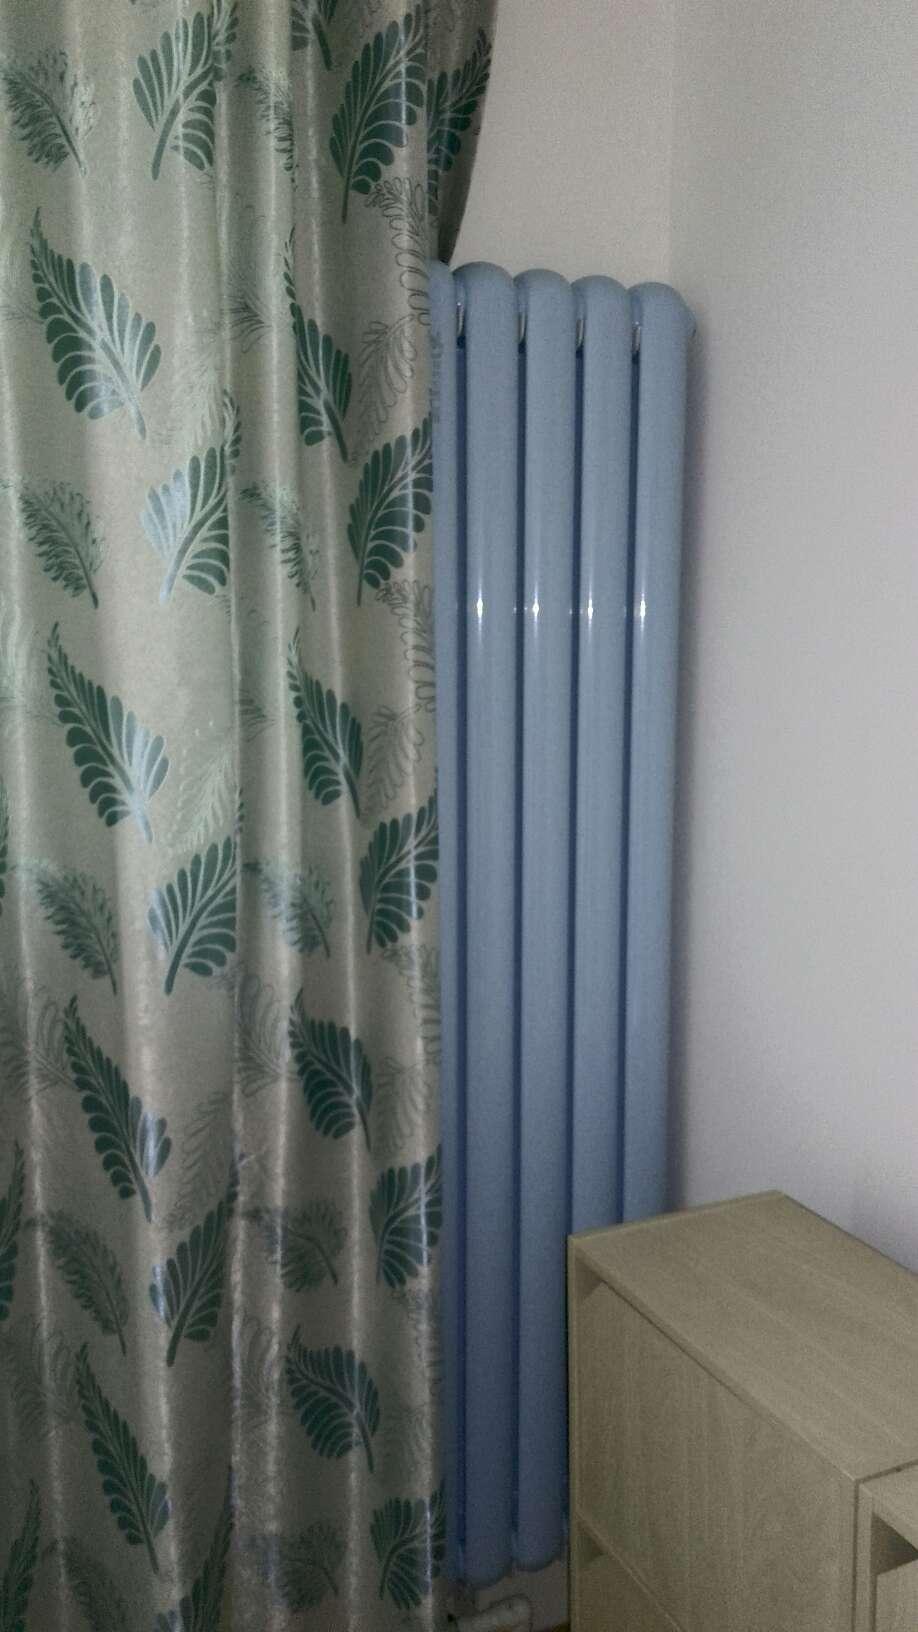 圣劳伦斯卫生间暖气片家用水暖卫浴壁挂低碳钢制小背篓散热器1000*400中